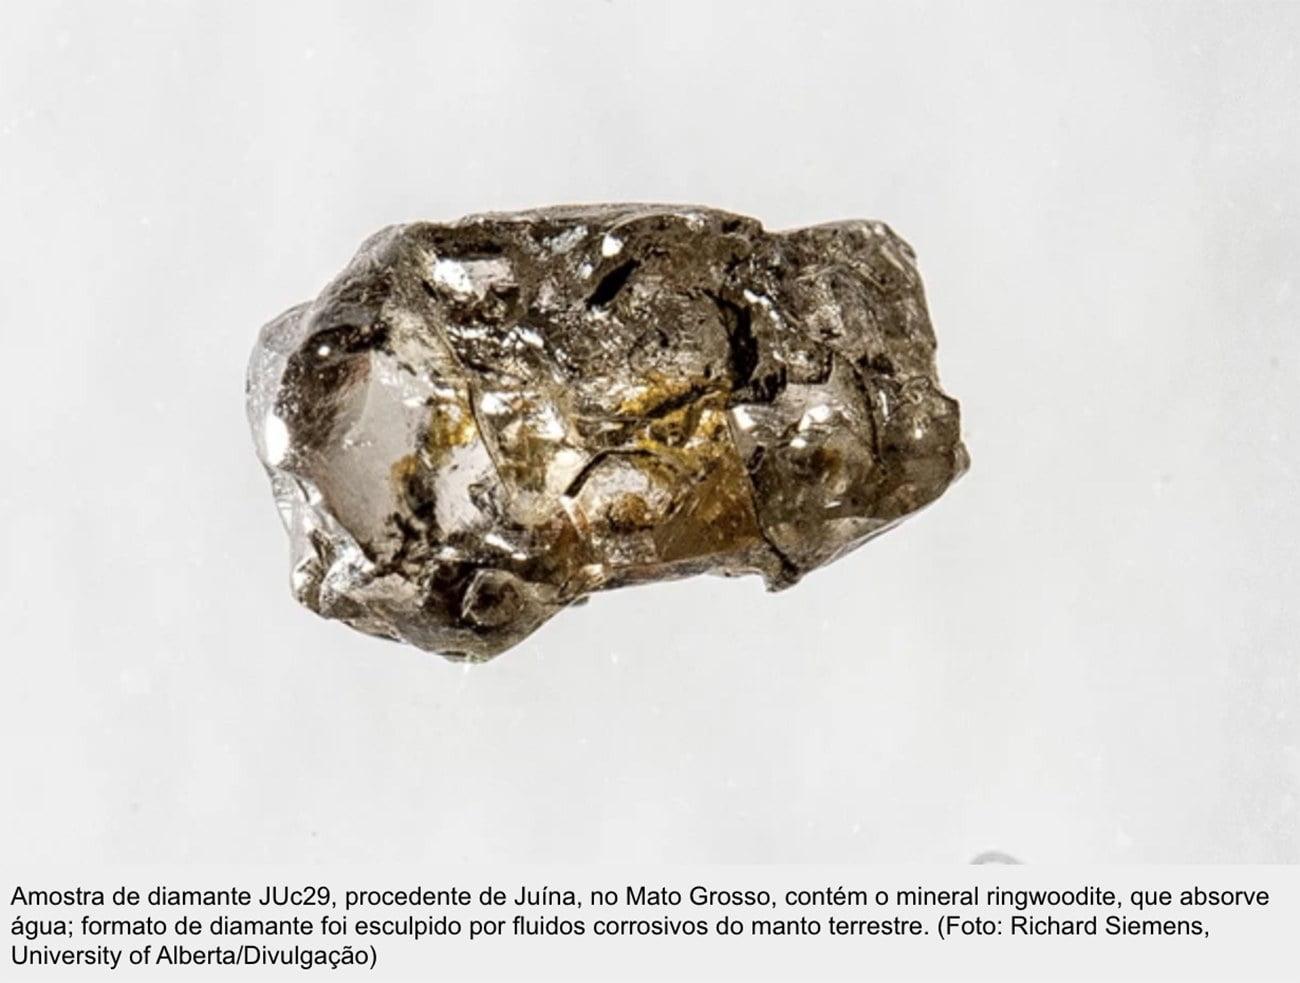 imagem de diamante